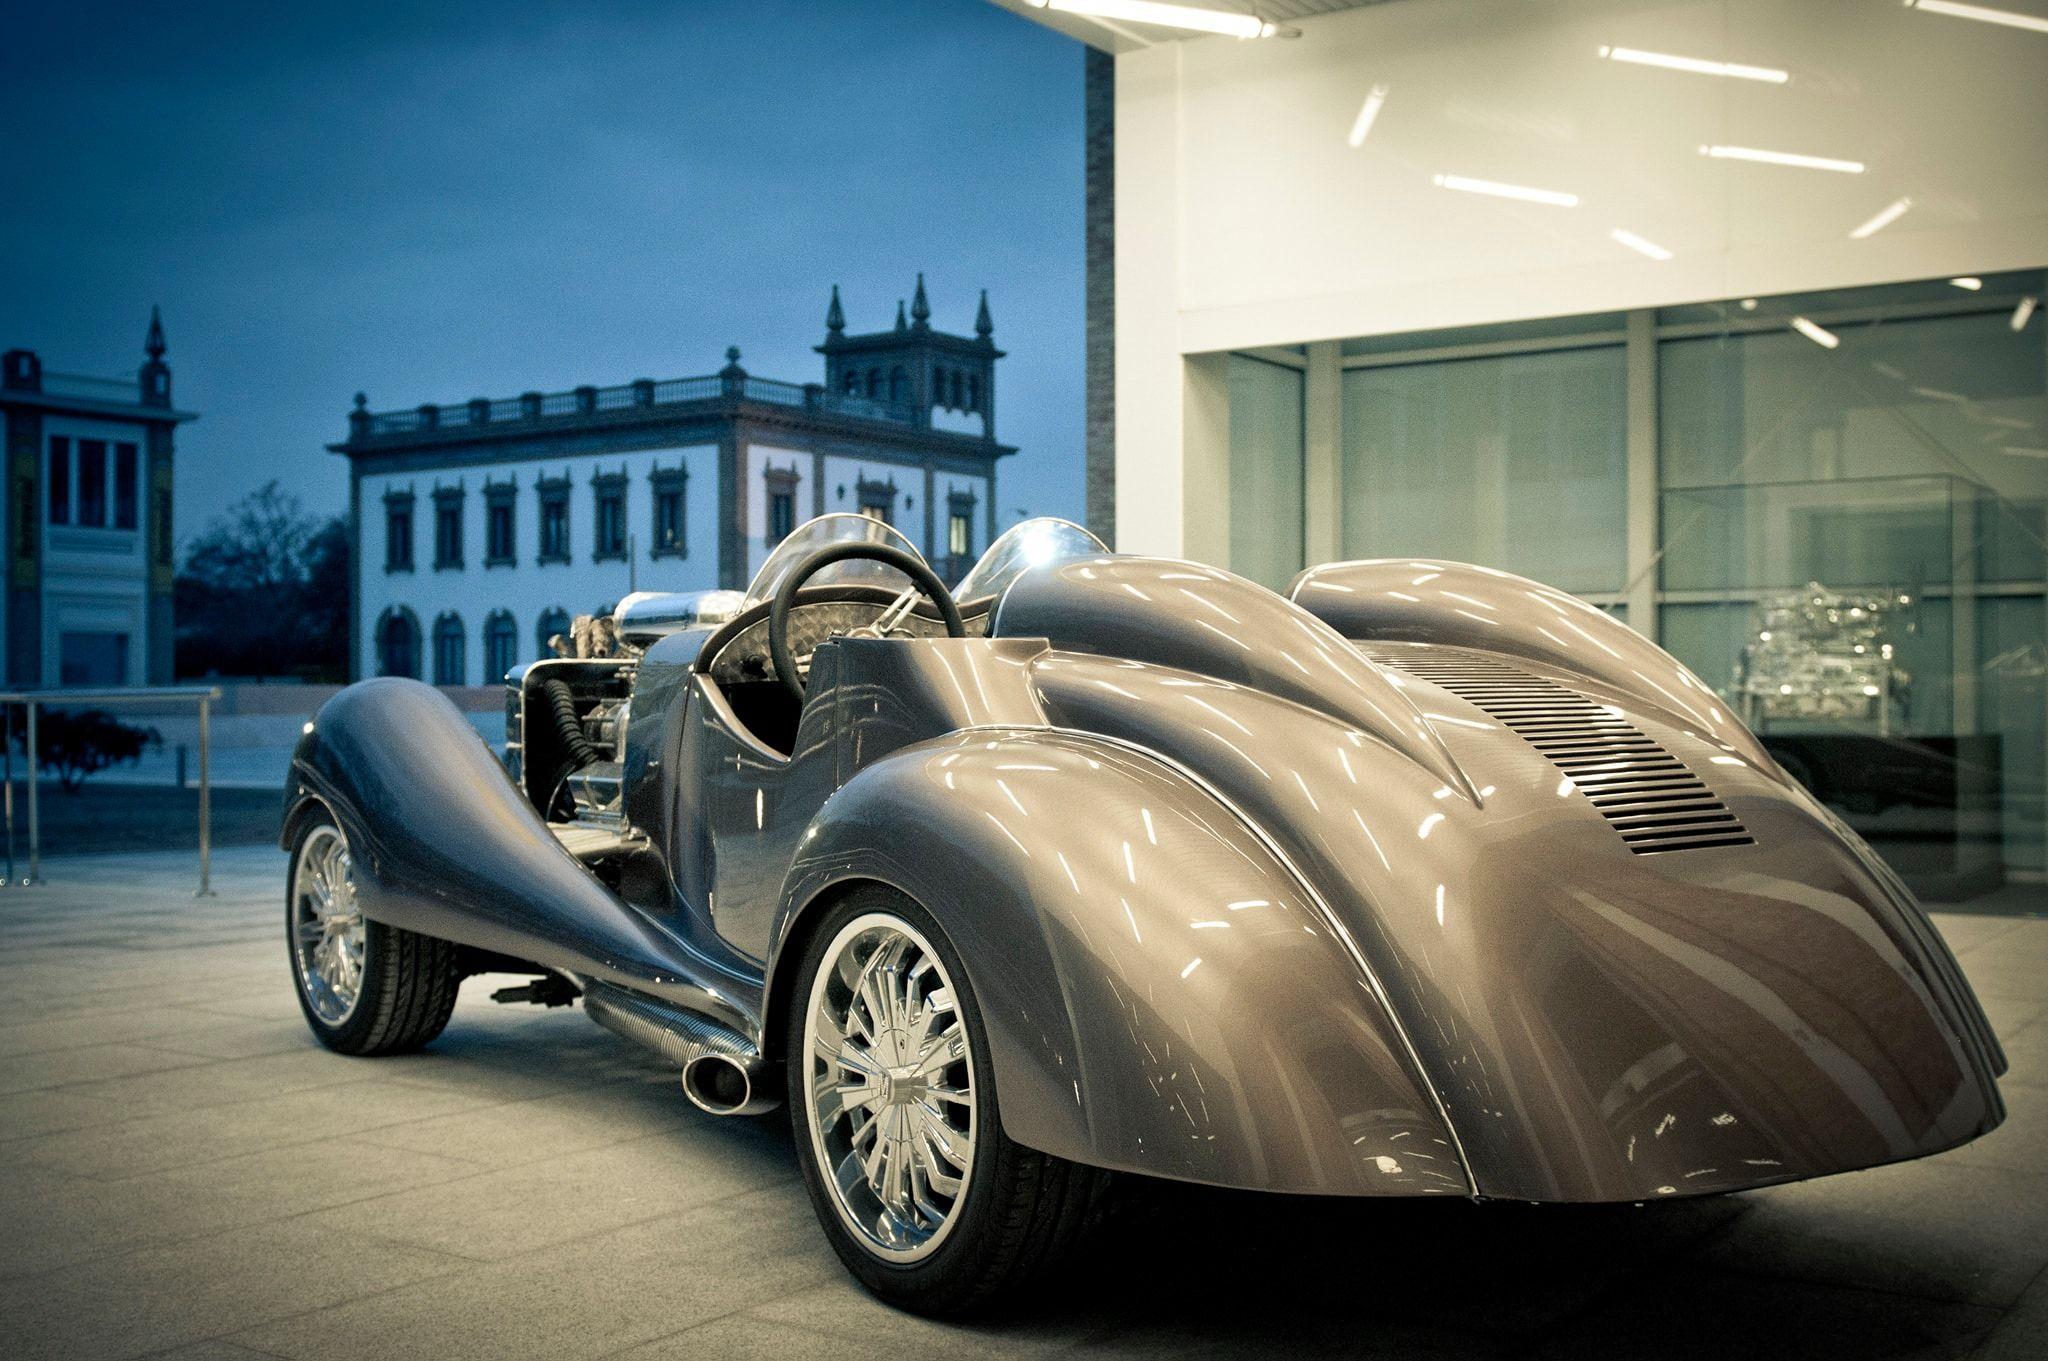 Музей авто та моди, Малага, Іспанія.